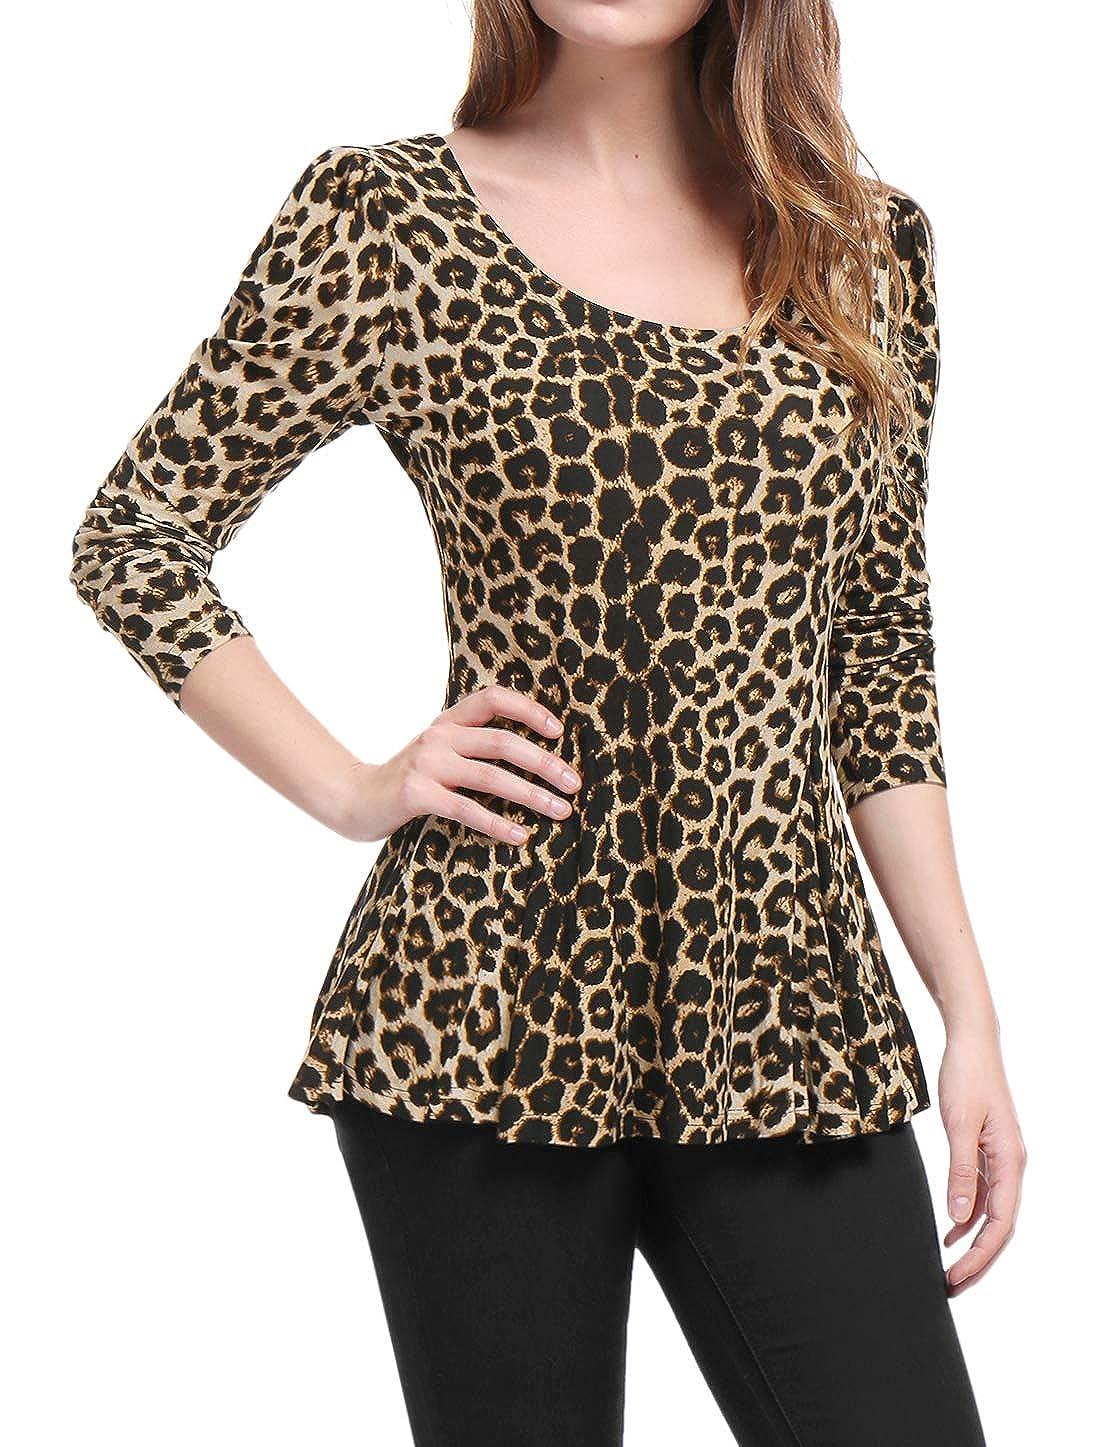 0718106e12 Top 10 wholesale Long Peplum Shirt - Chinabrands.com